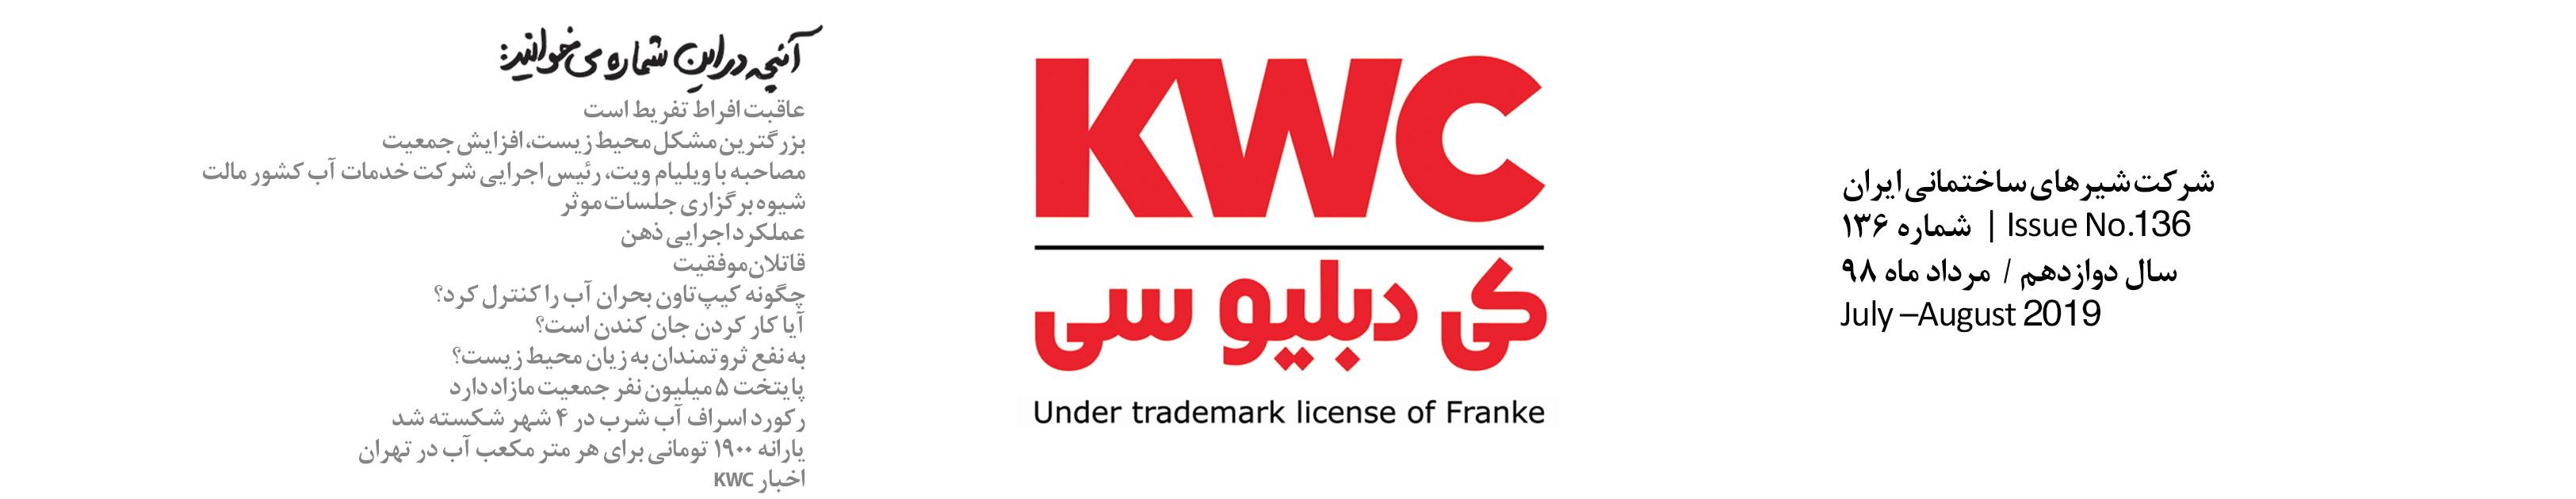 ماهنامه کی دبلیو سی KWC